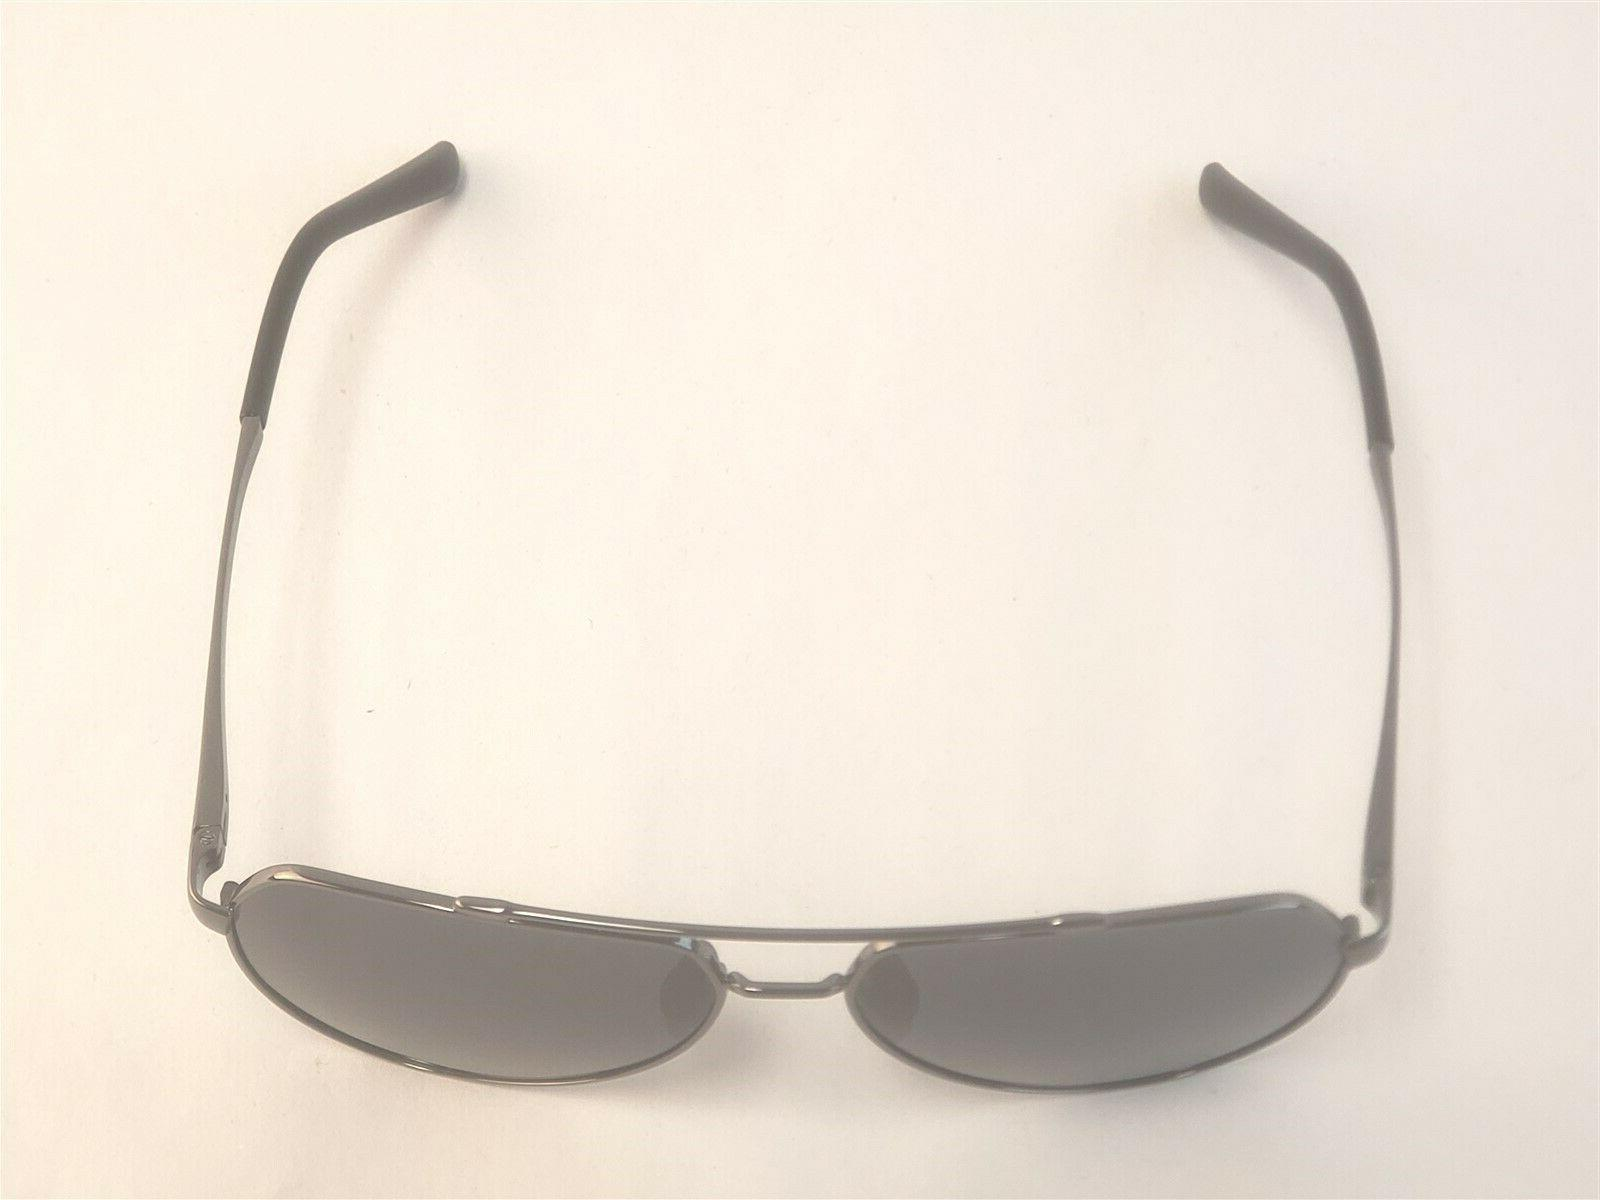 LUENX Women Sunglasses Polarized Large